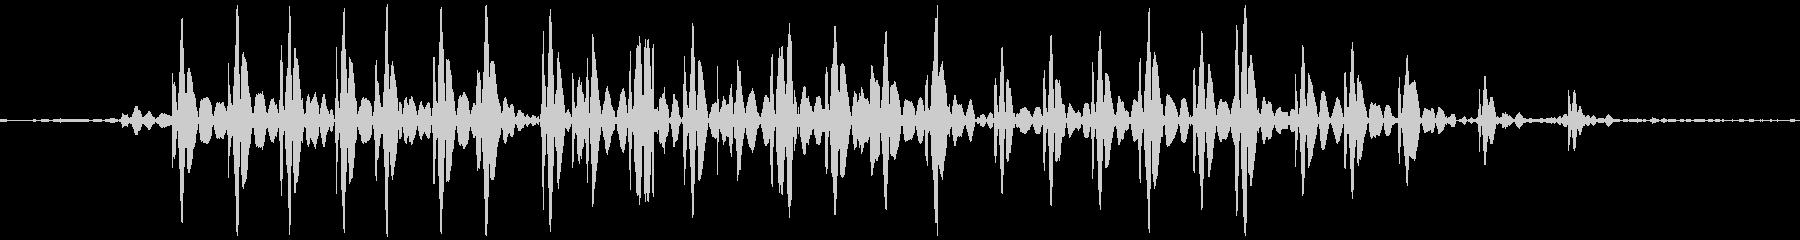 ブゥ。おならの音(低め・短め)の未再生の波形